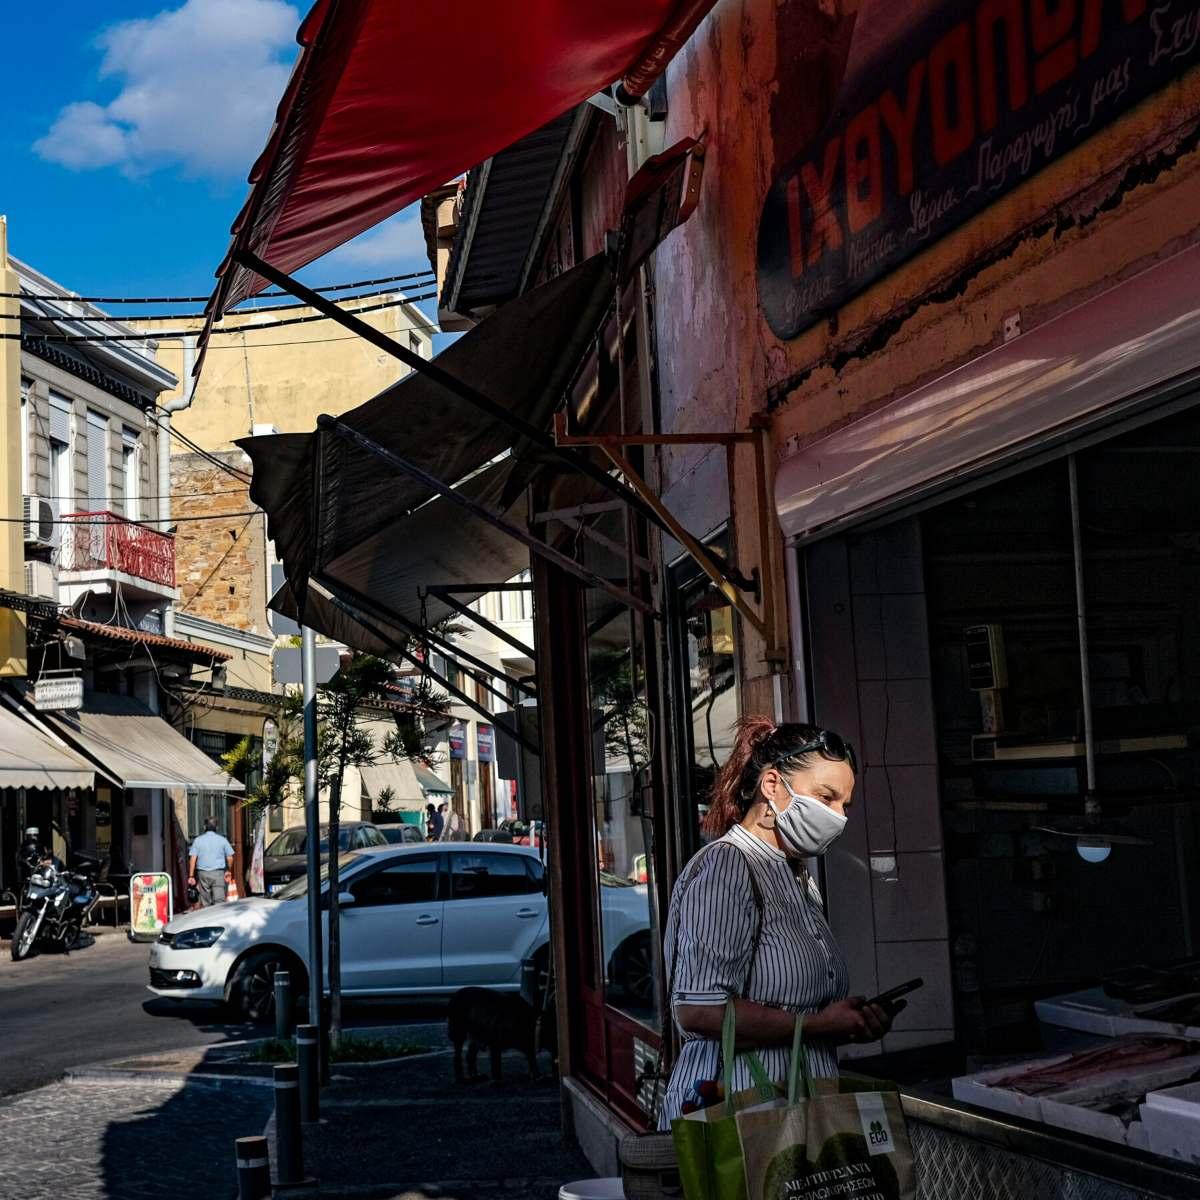 Ελλάδα αρνητές κορονοϊού γυναίκα με μάσκα